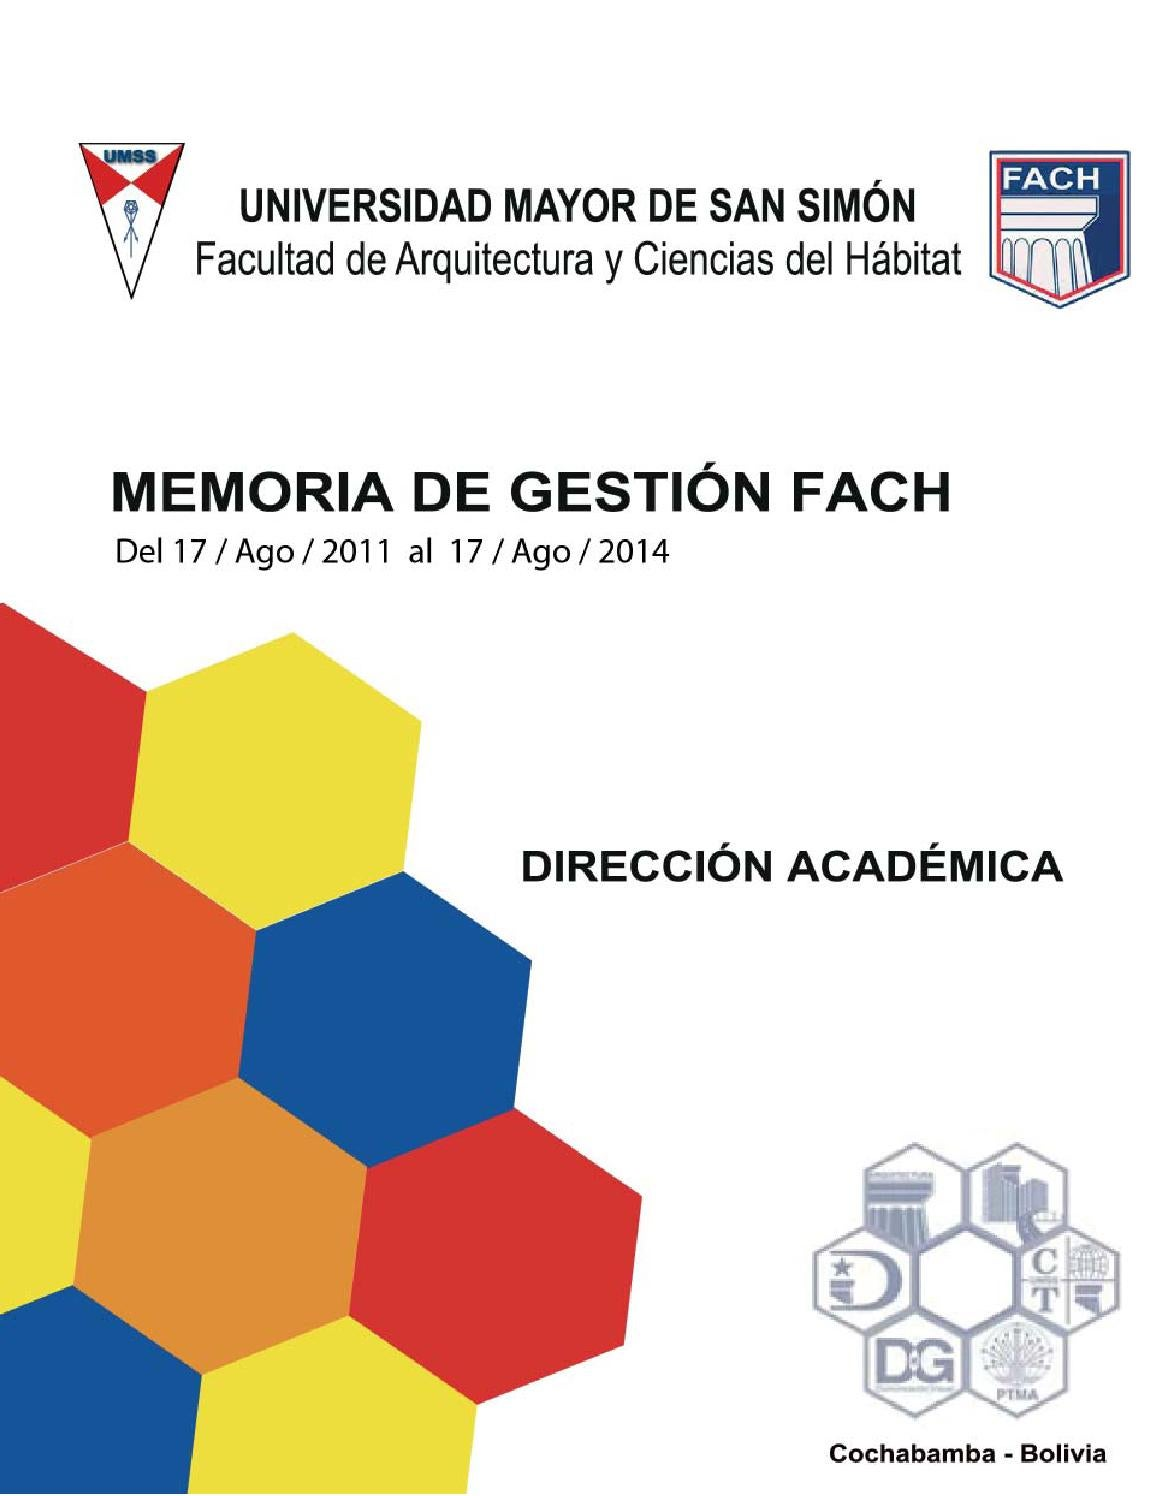 memoria de gesti243n fach umss 2011 2014 by memoria de